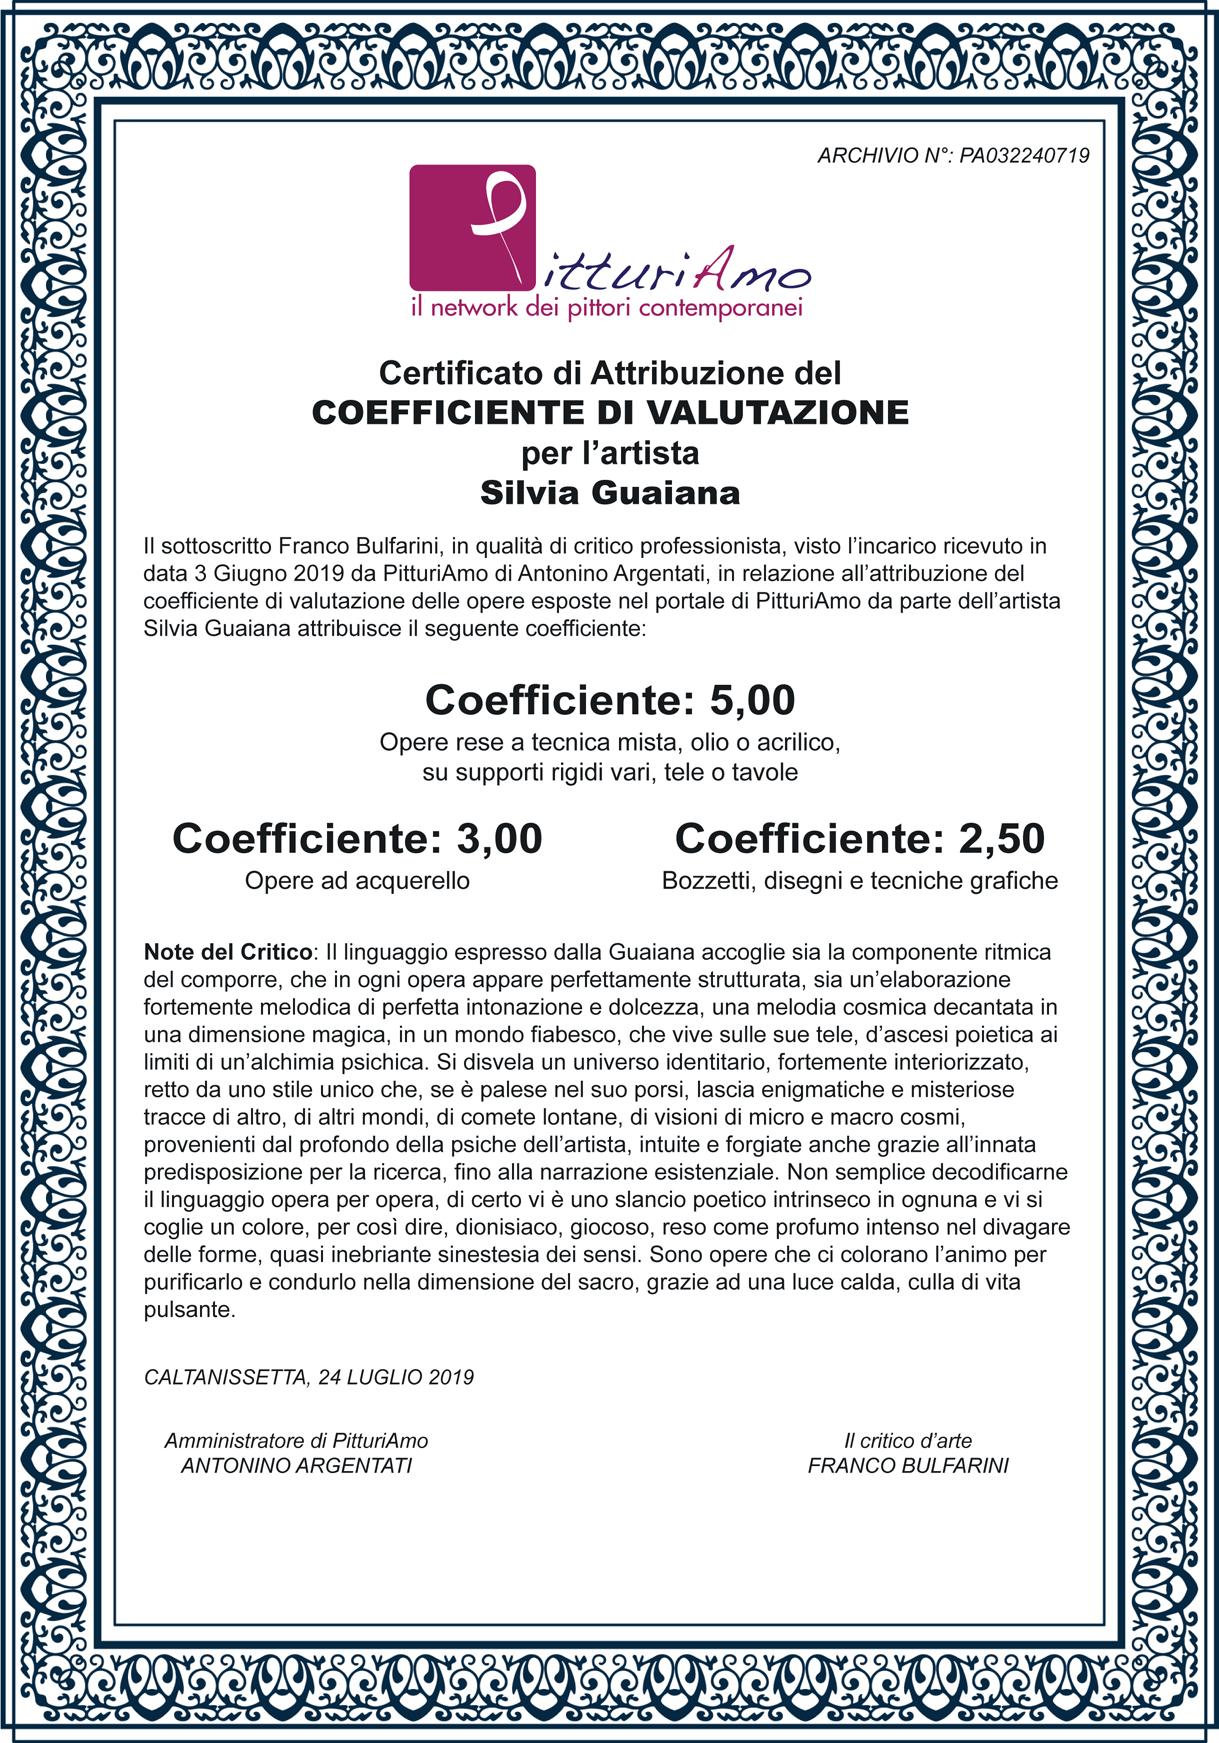 Il Coefficiente dell'artista Silvia Guaiana - Pittrice contemporanea Italiana